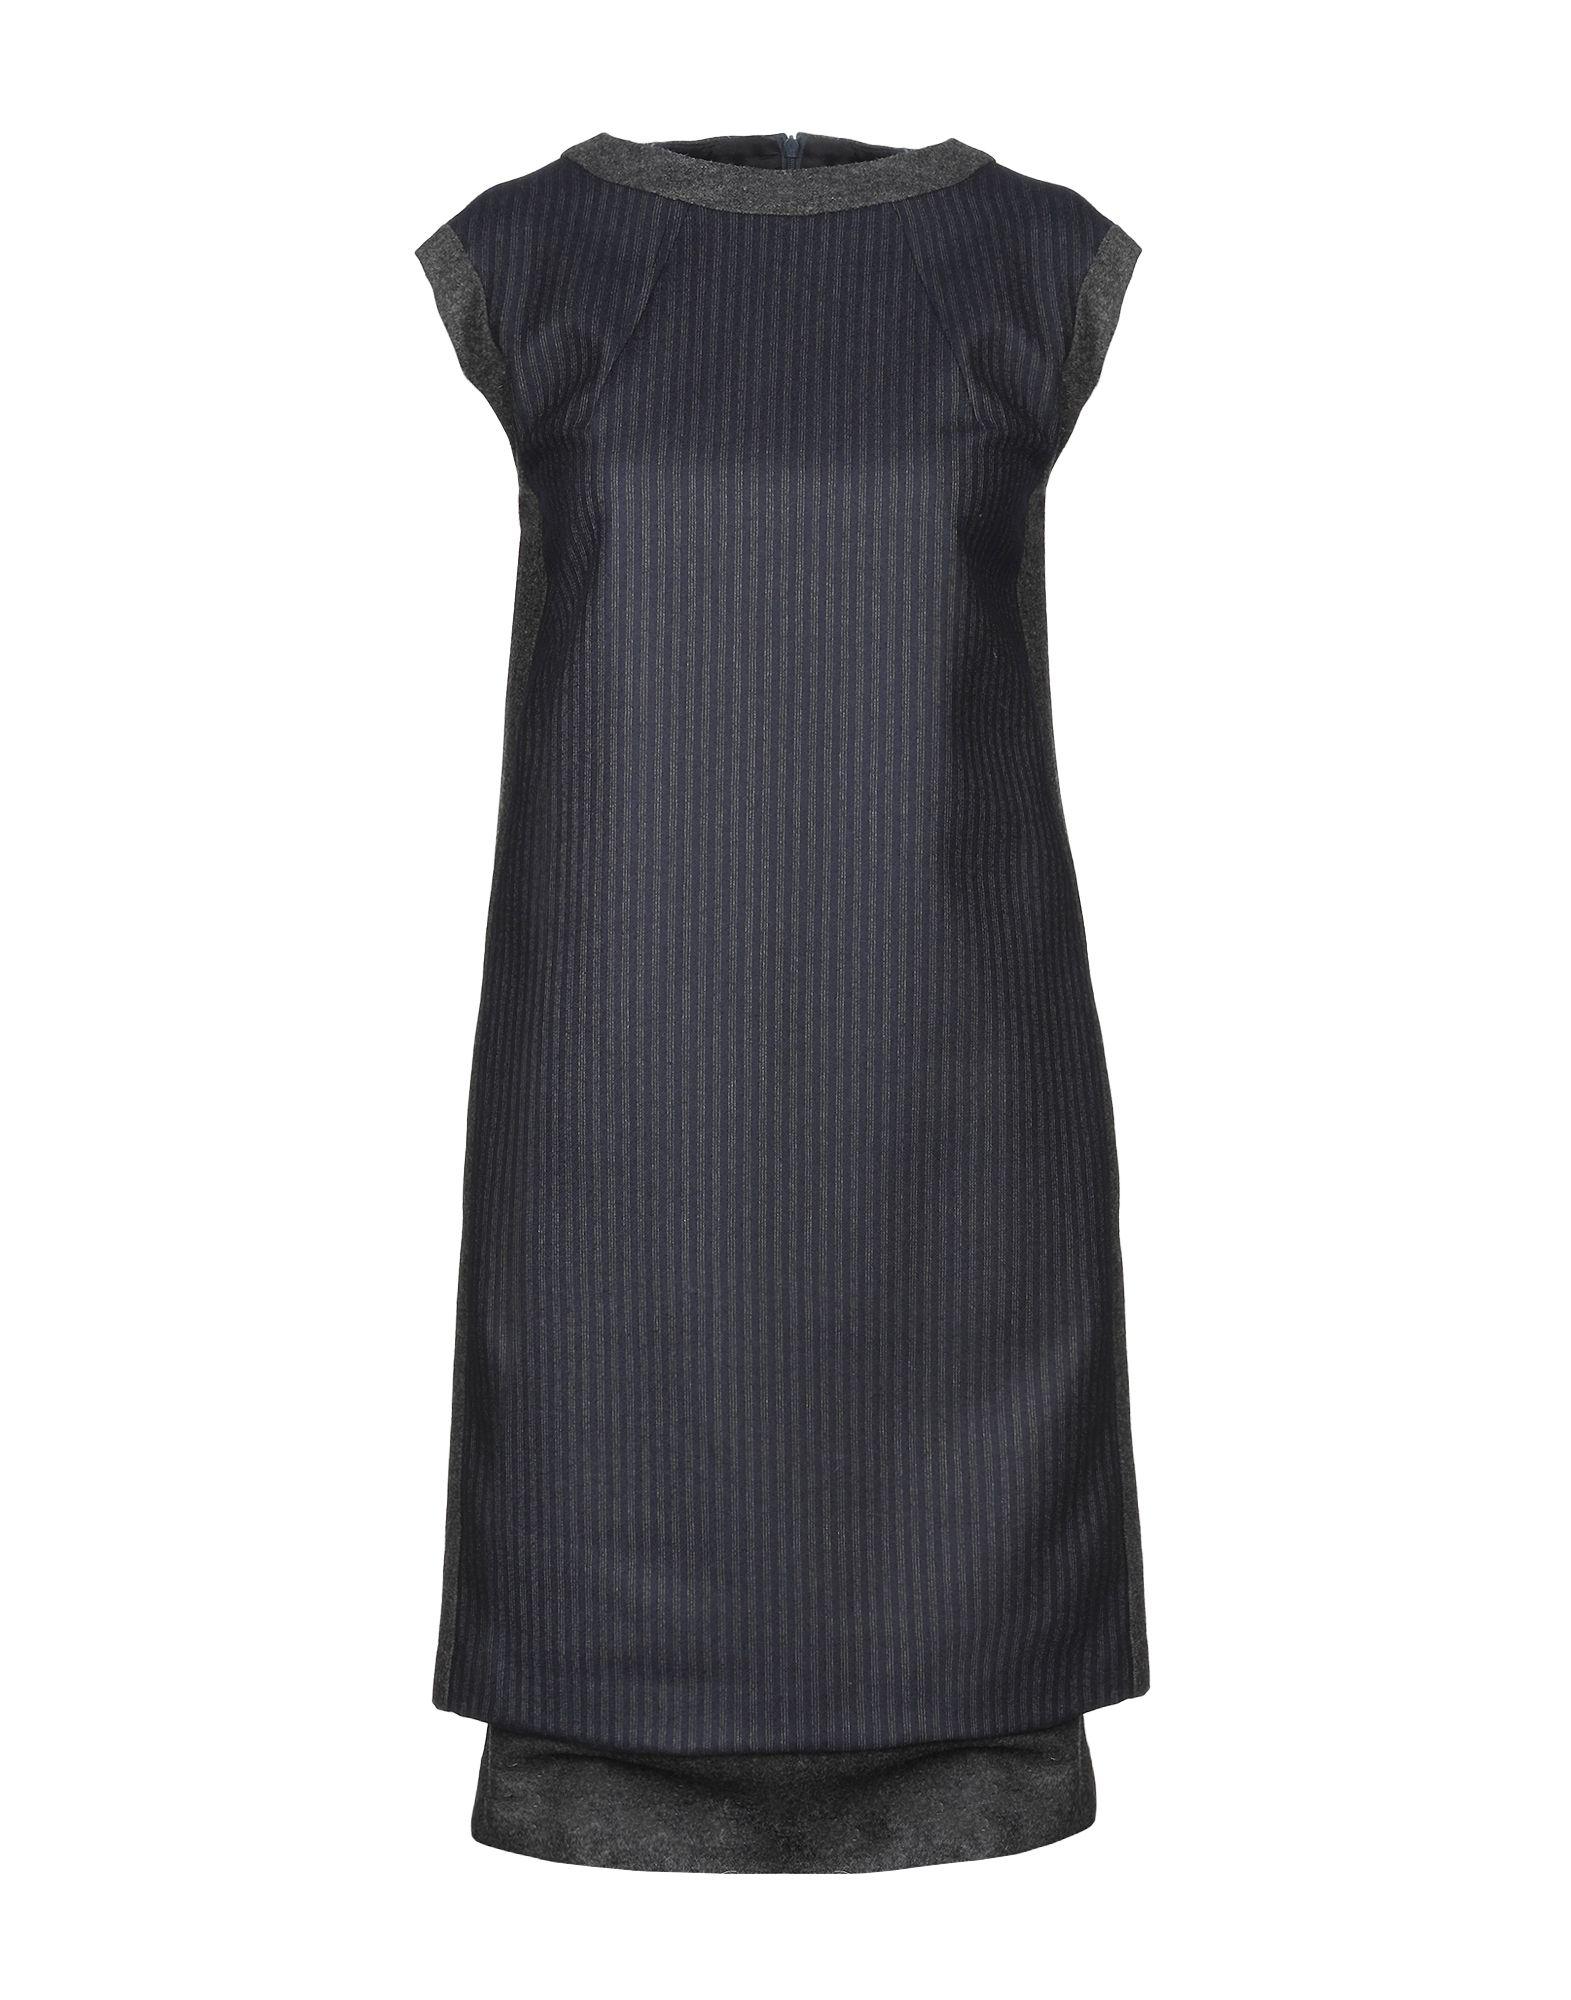 DRIES VAN NOTEN | DRIES VAN NOTEN Knee-Length Dresses 34910629 | Goxip